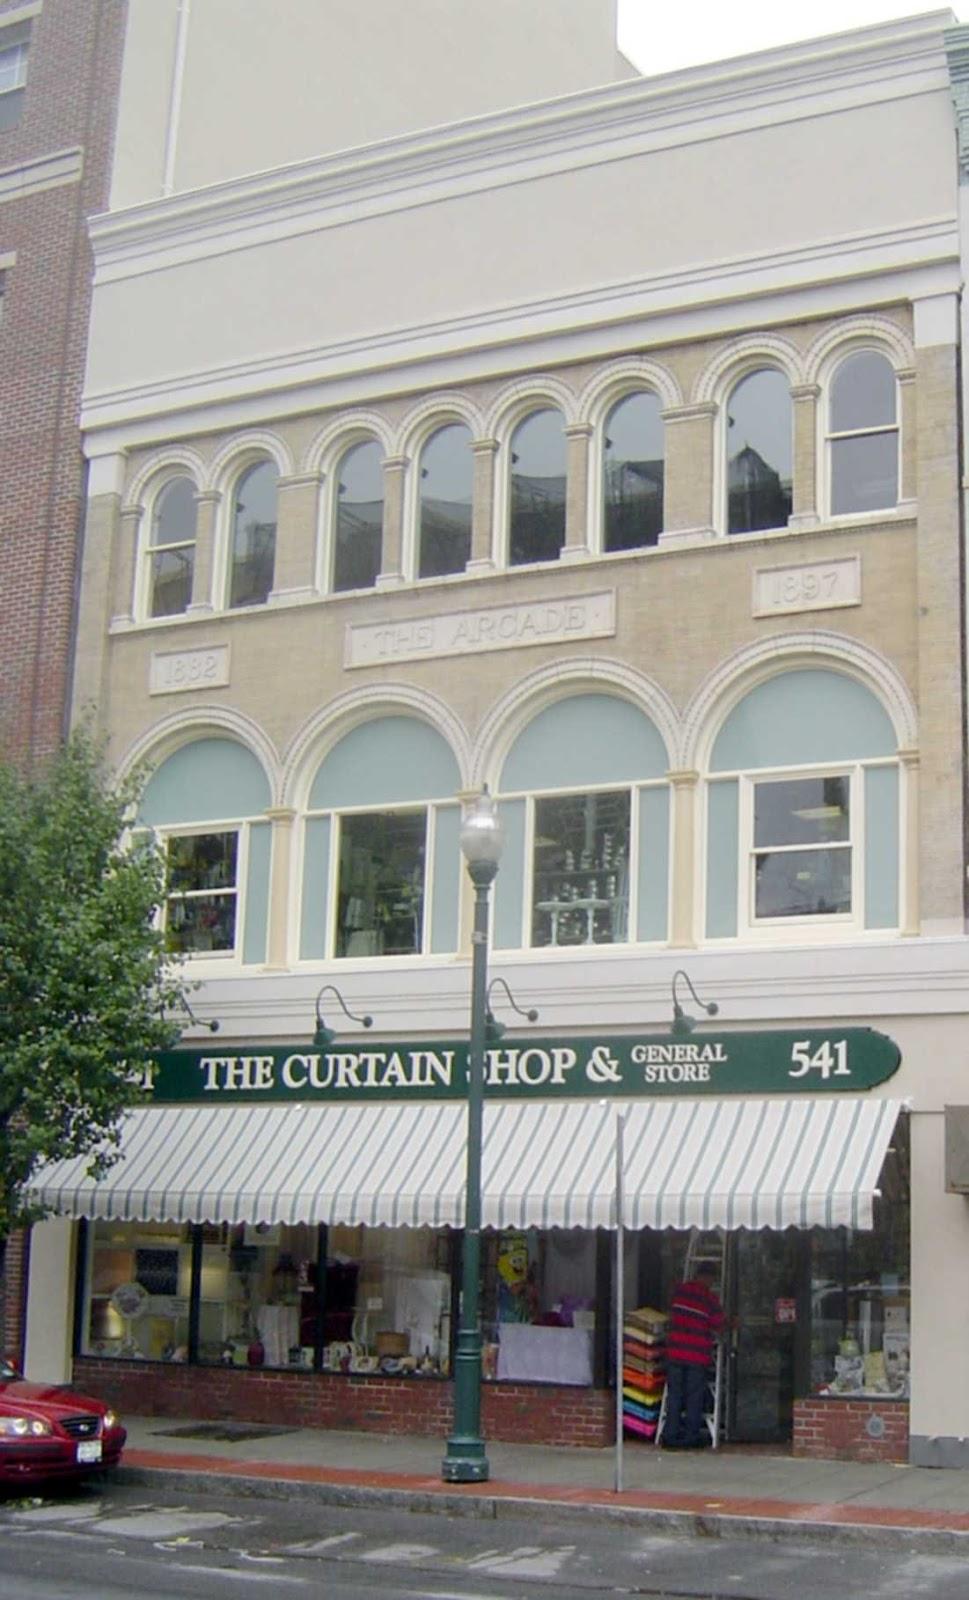 Curtain shop coupon